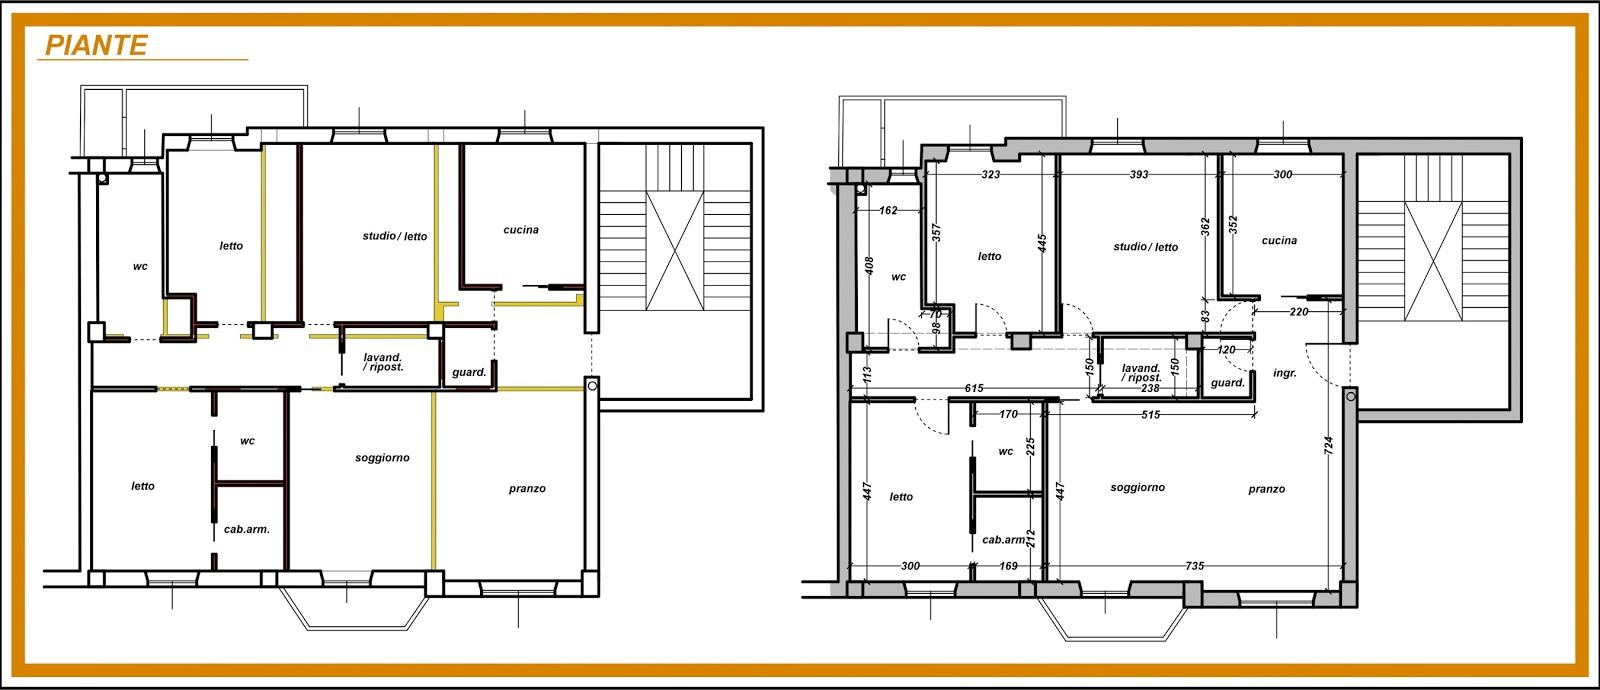 Favoloso ARREDAMENTO E DINTORNI: ristrutturazione appartamento anni 50  FJ21